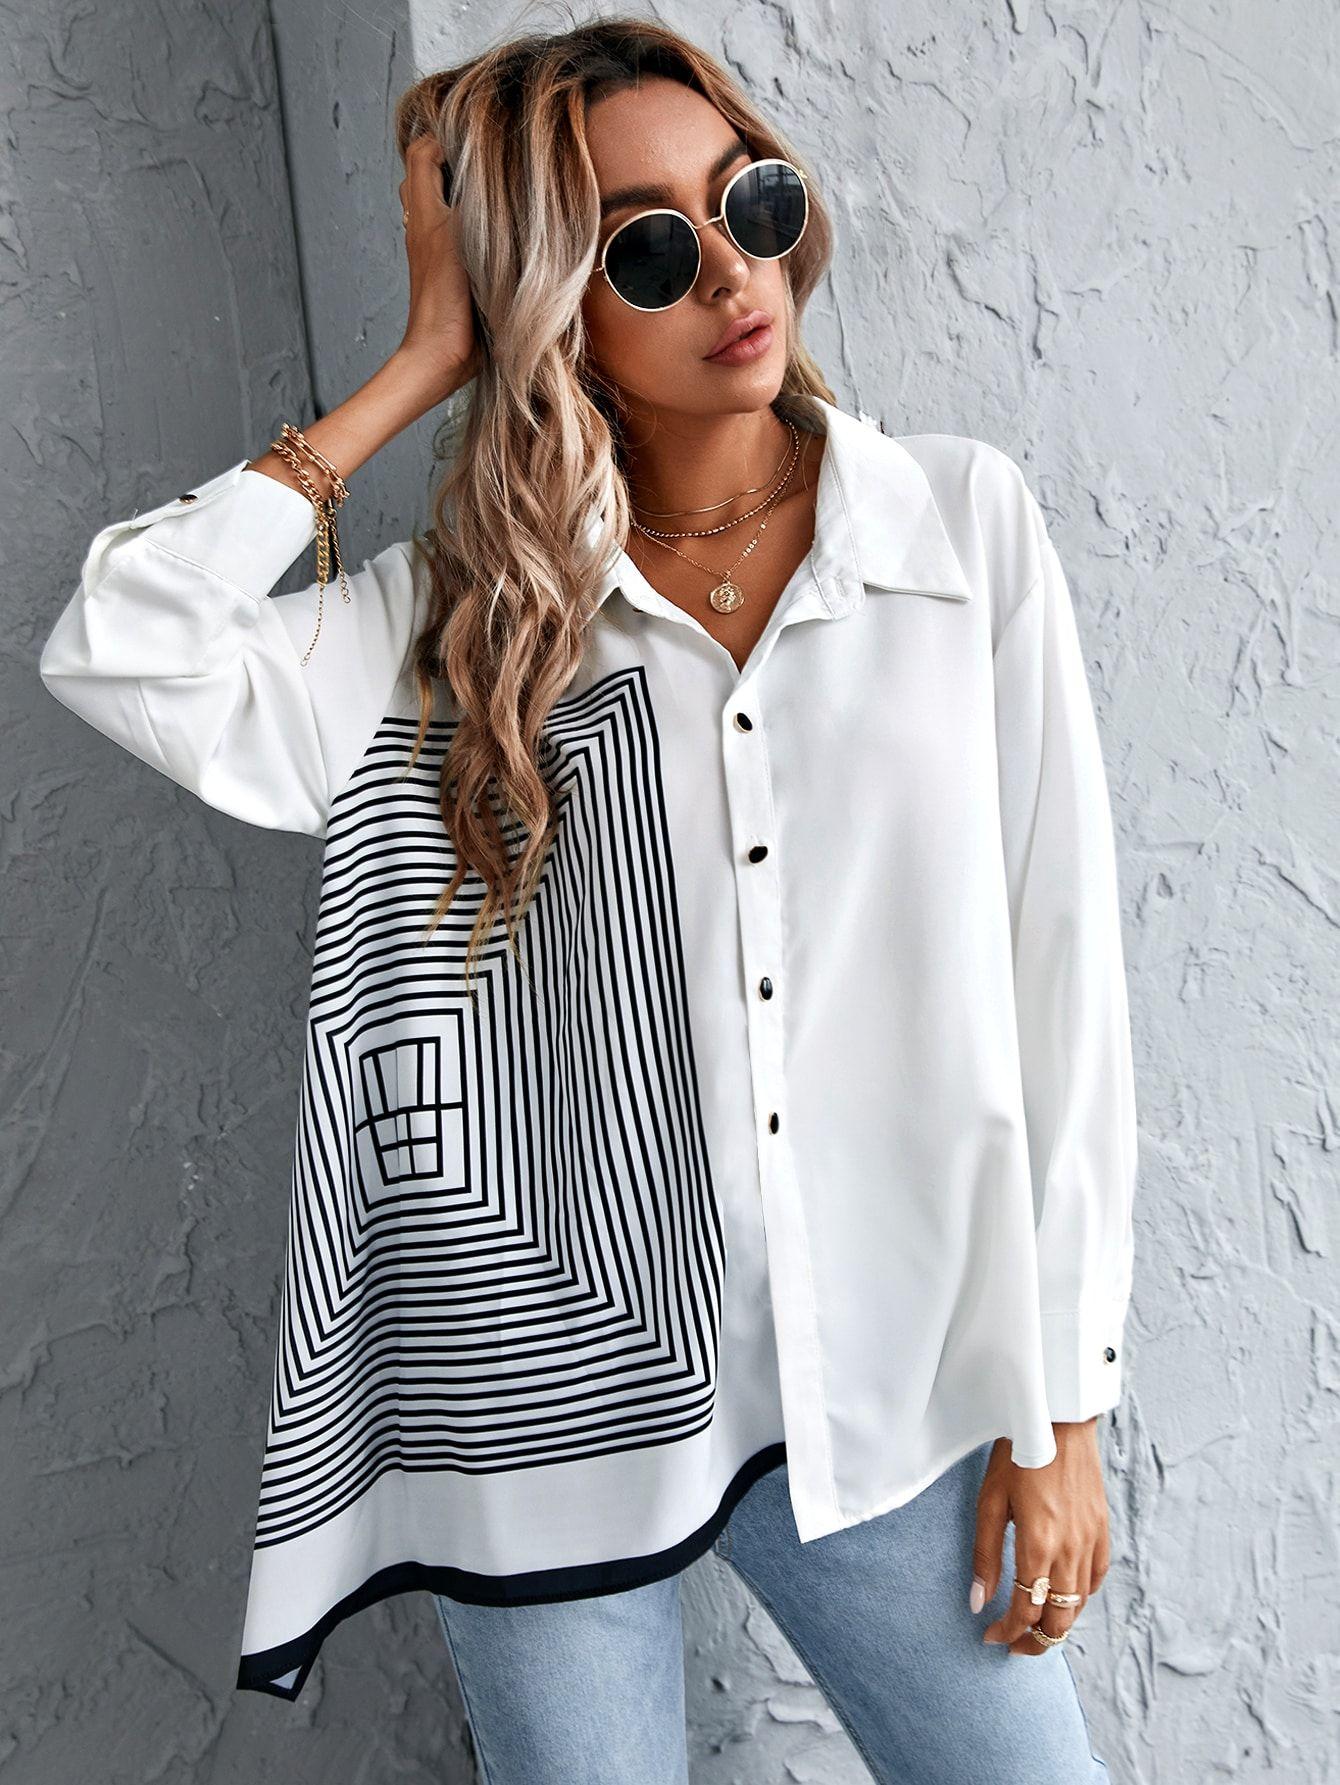 Black Friday 2020 Geo Print Button Up Blouse Shein Usa In 2020 Modestil Bluse Mit Punkten Bluse Mit Ruschen